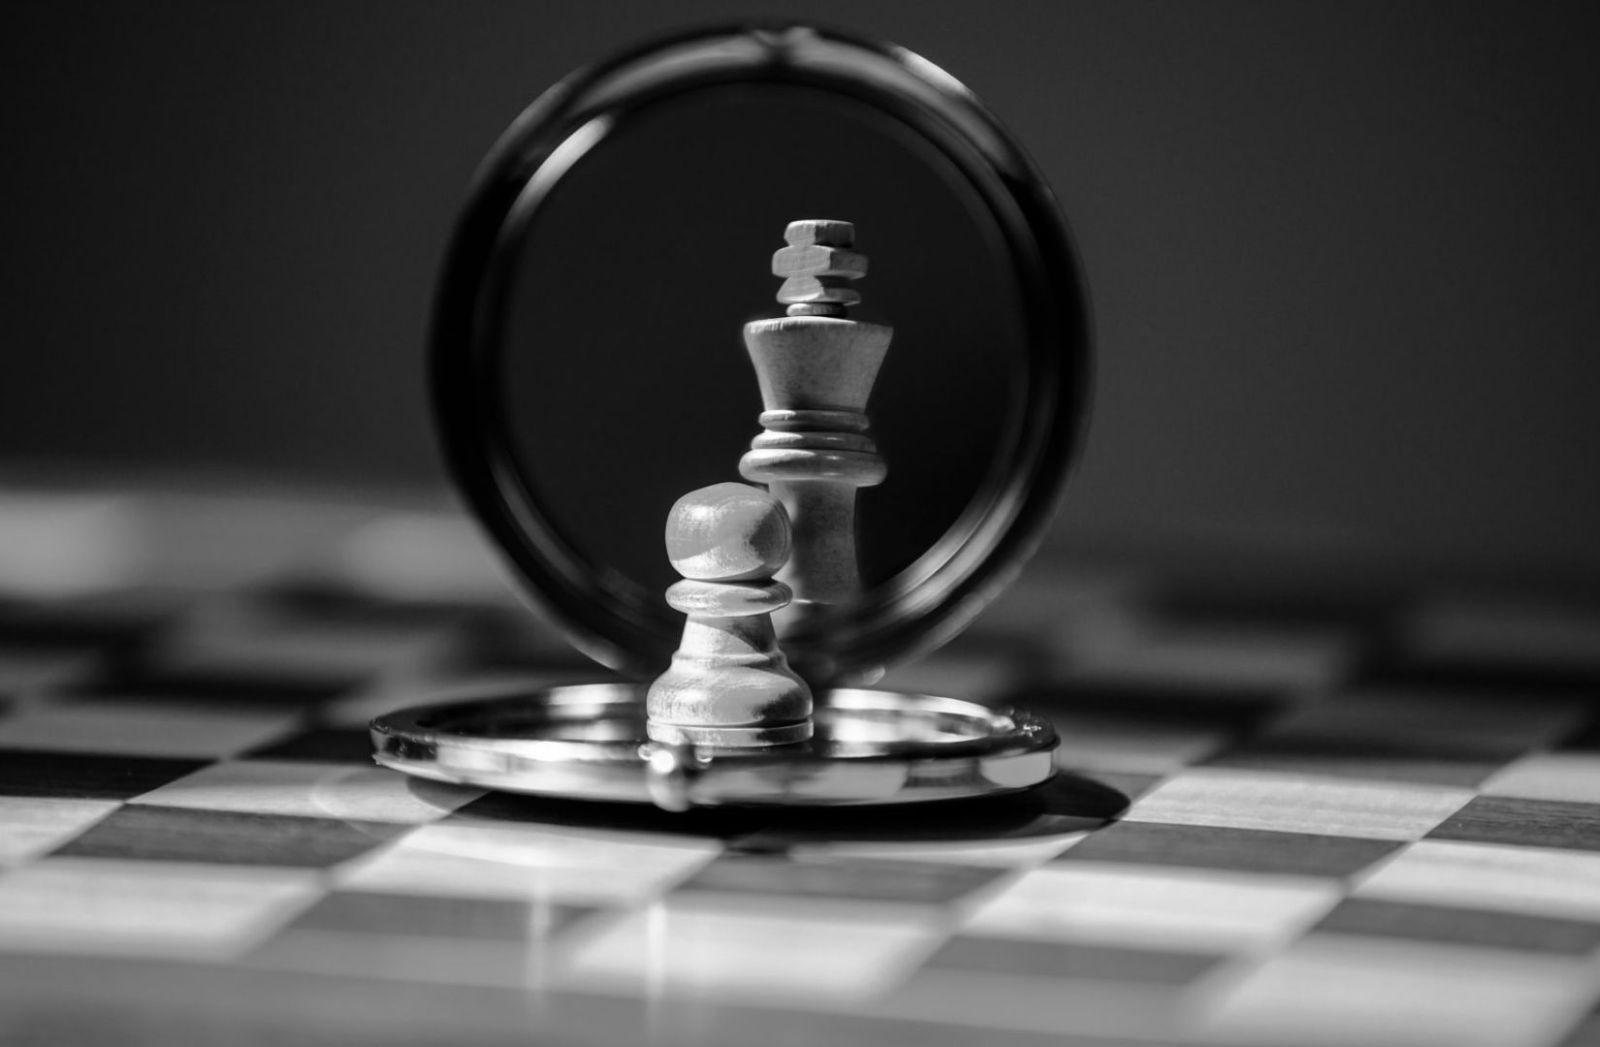 Strategie und Taktik des Schachspiels. (Foto: Ravi Kumar, Unsplash.com)